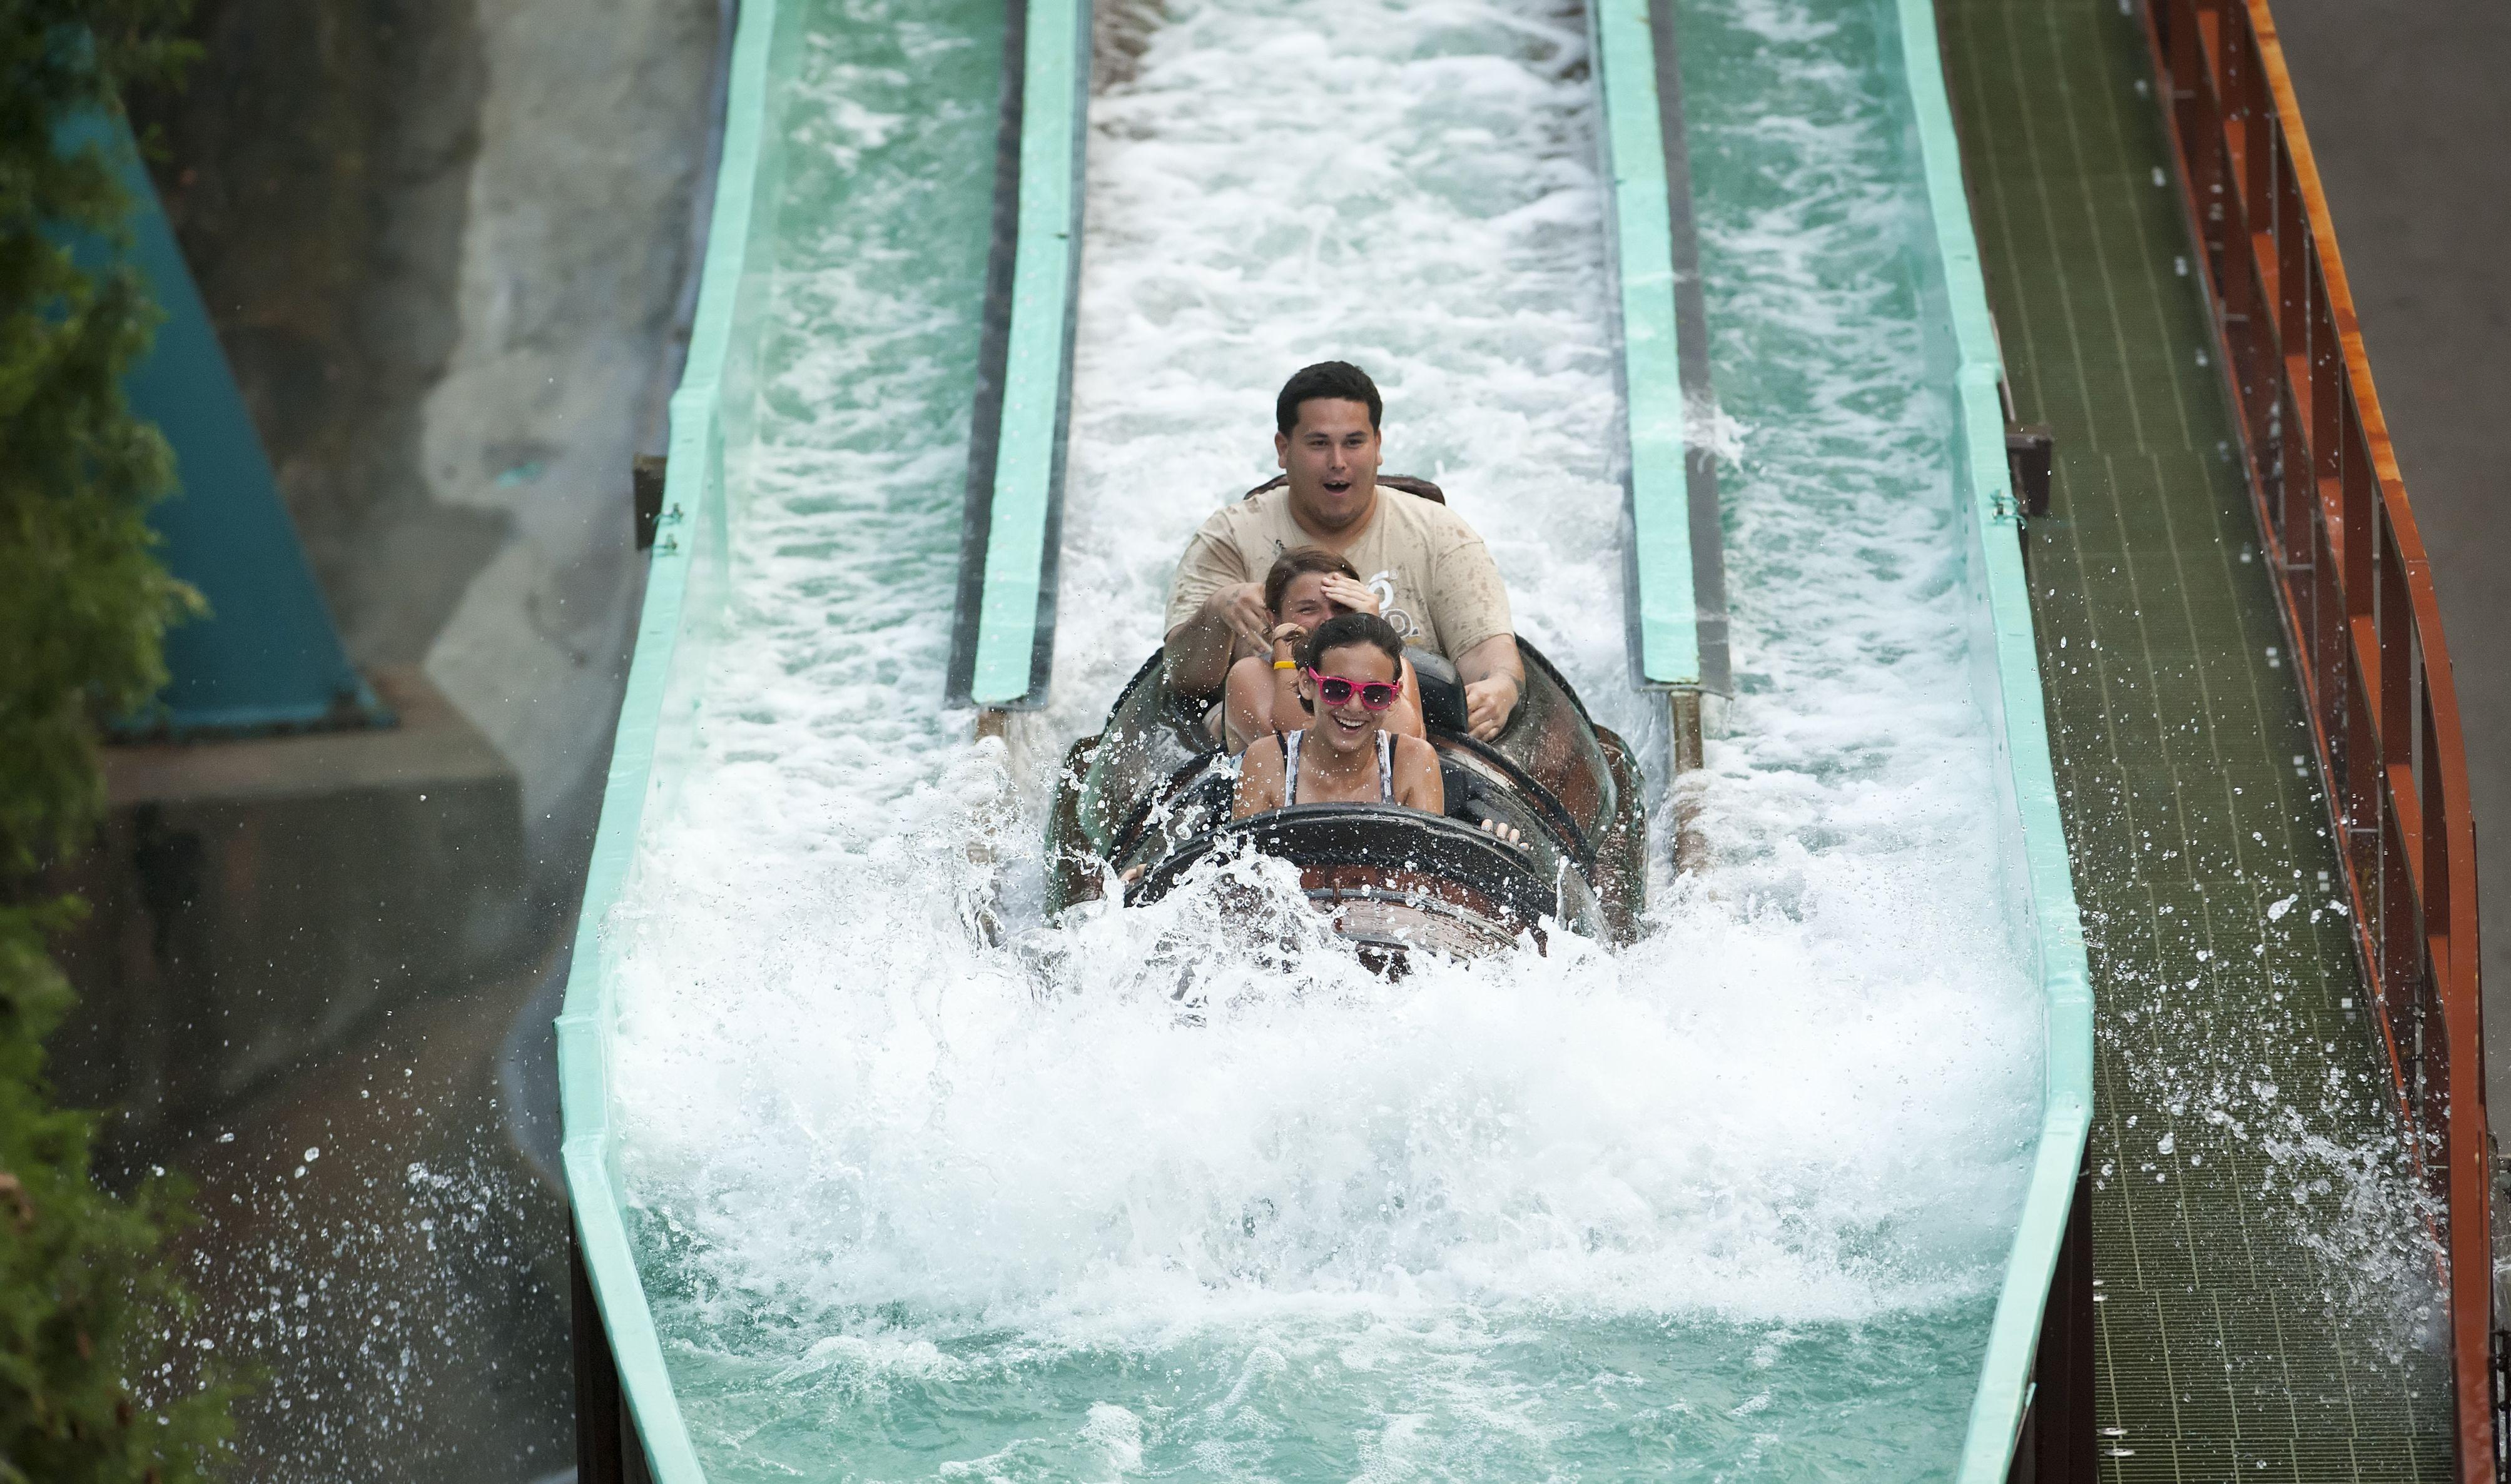 a73c8cc577c00472b5a4fadc7431dca1 - Curse Of Darkastle Busch Gardens Williamsburg